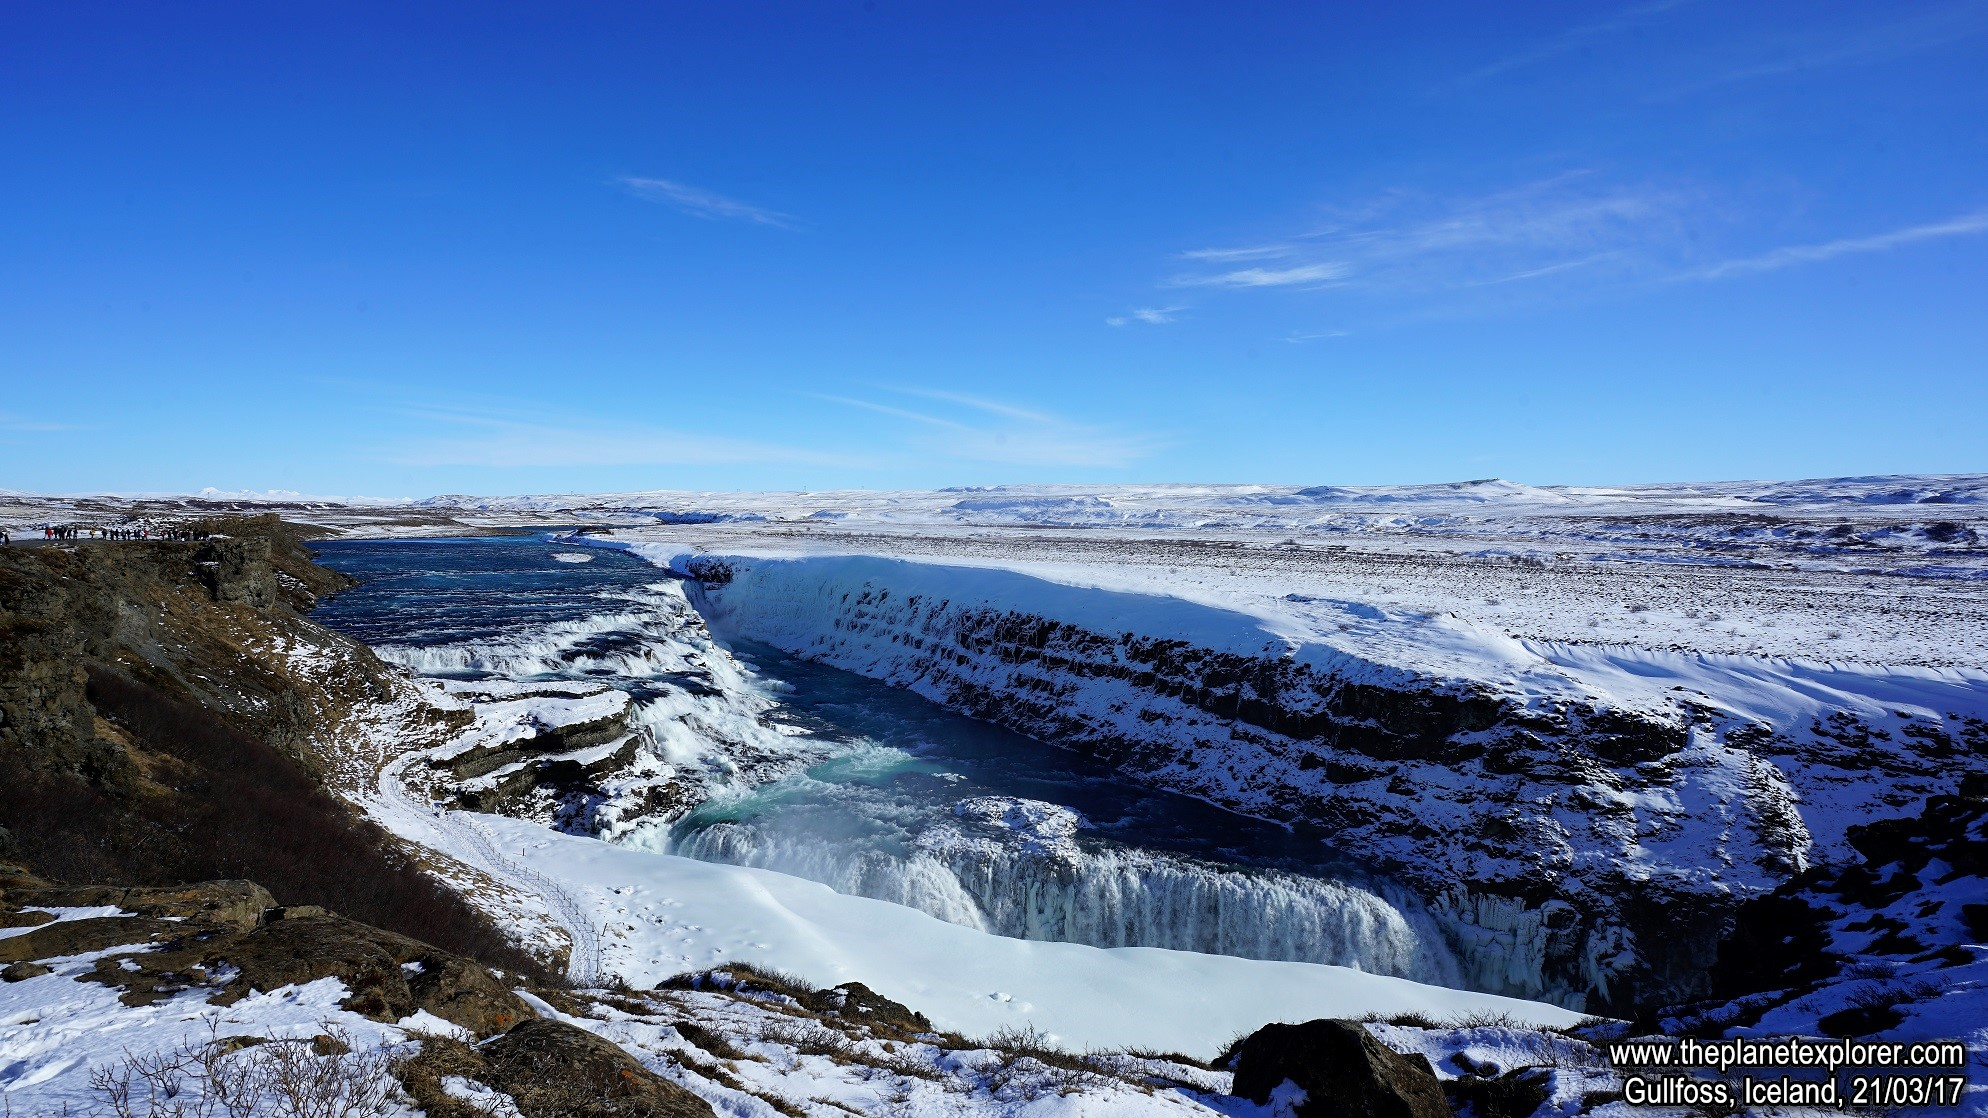 2017-03-21_1323_Iceland_Gullfoss_DSC02284_s7R2_LR_@www